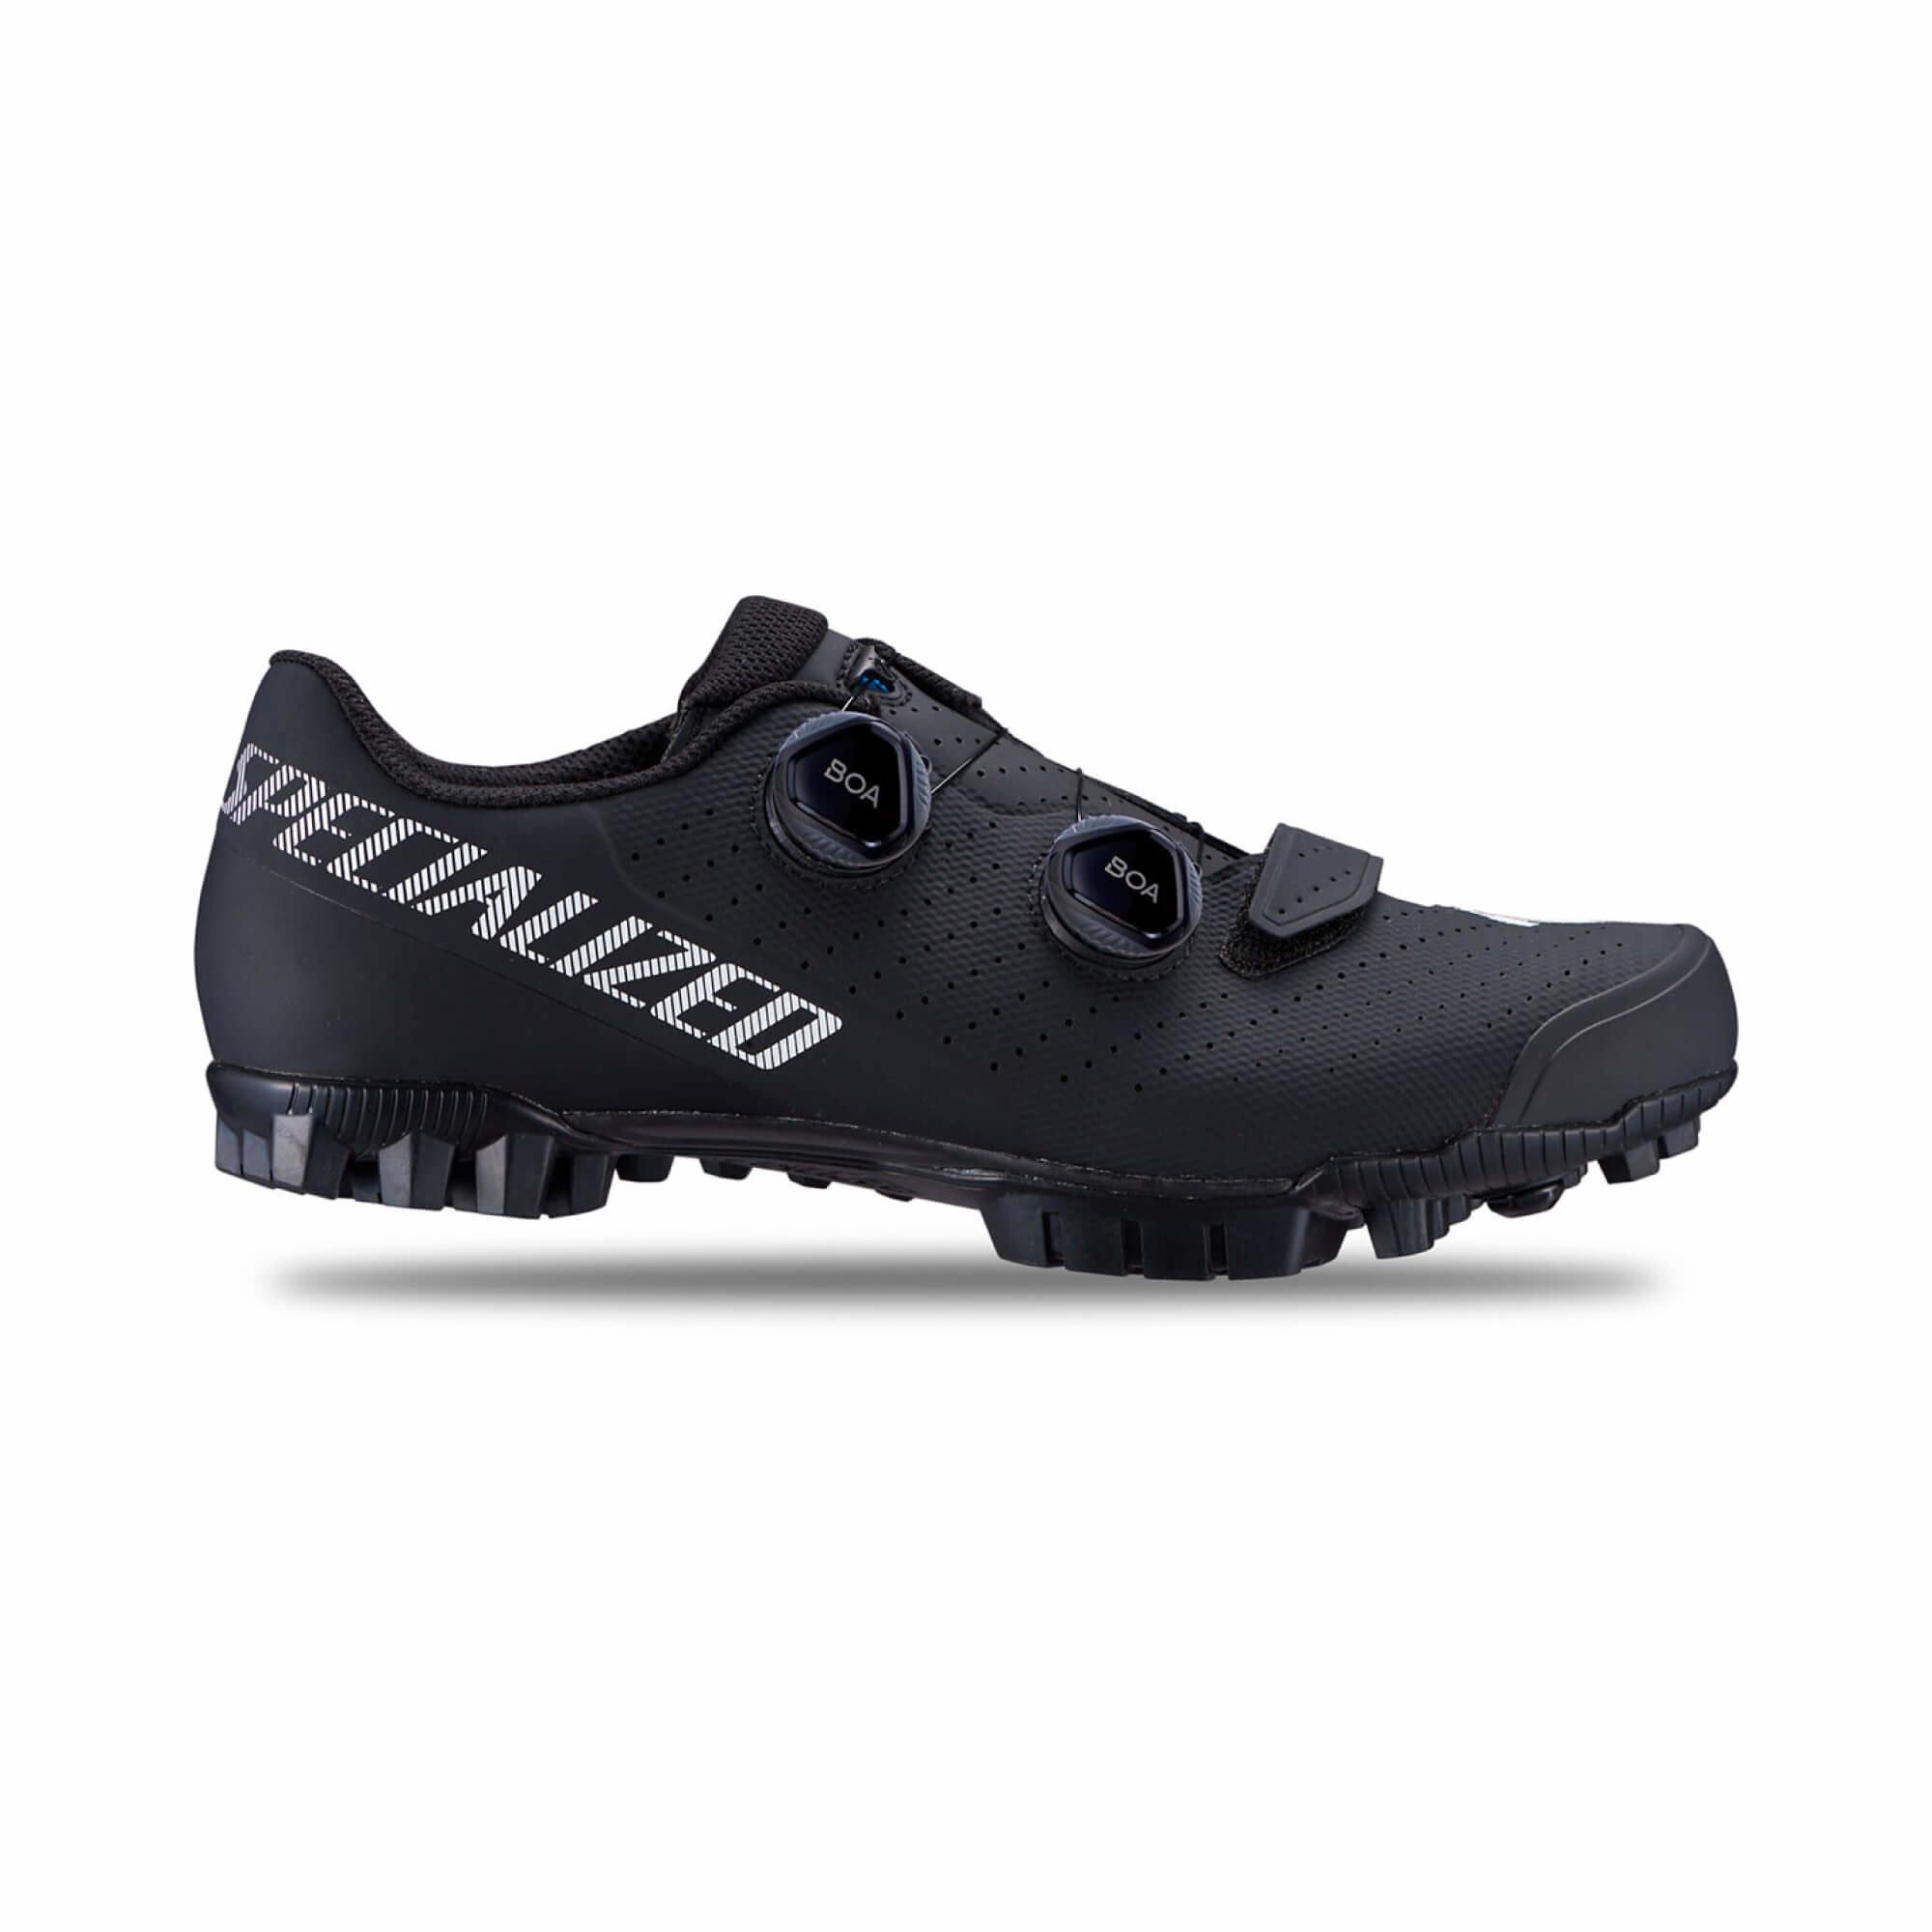 Recon 3.0 Mountain Bike Shoes-8